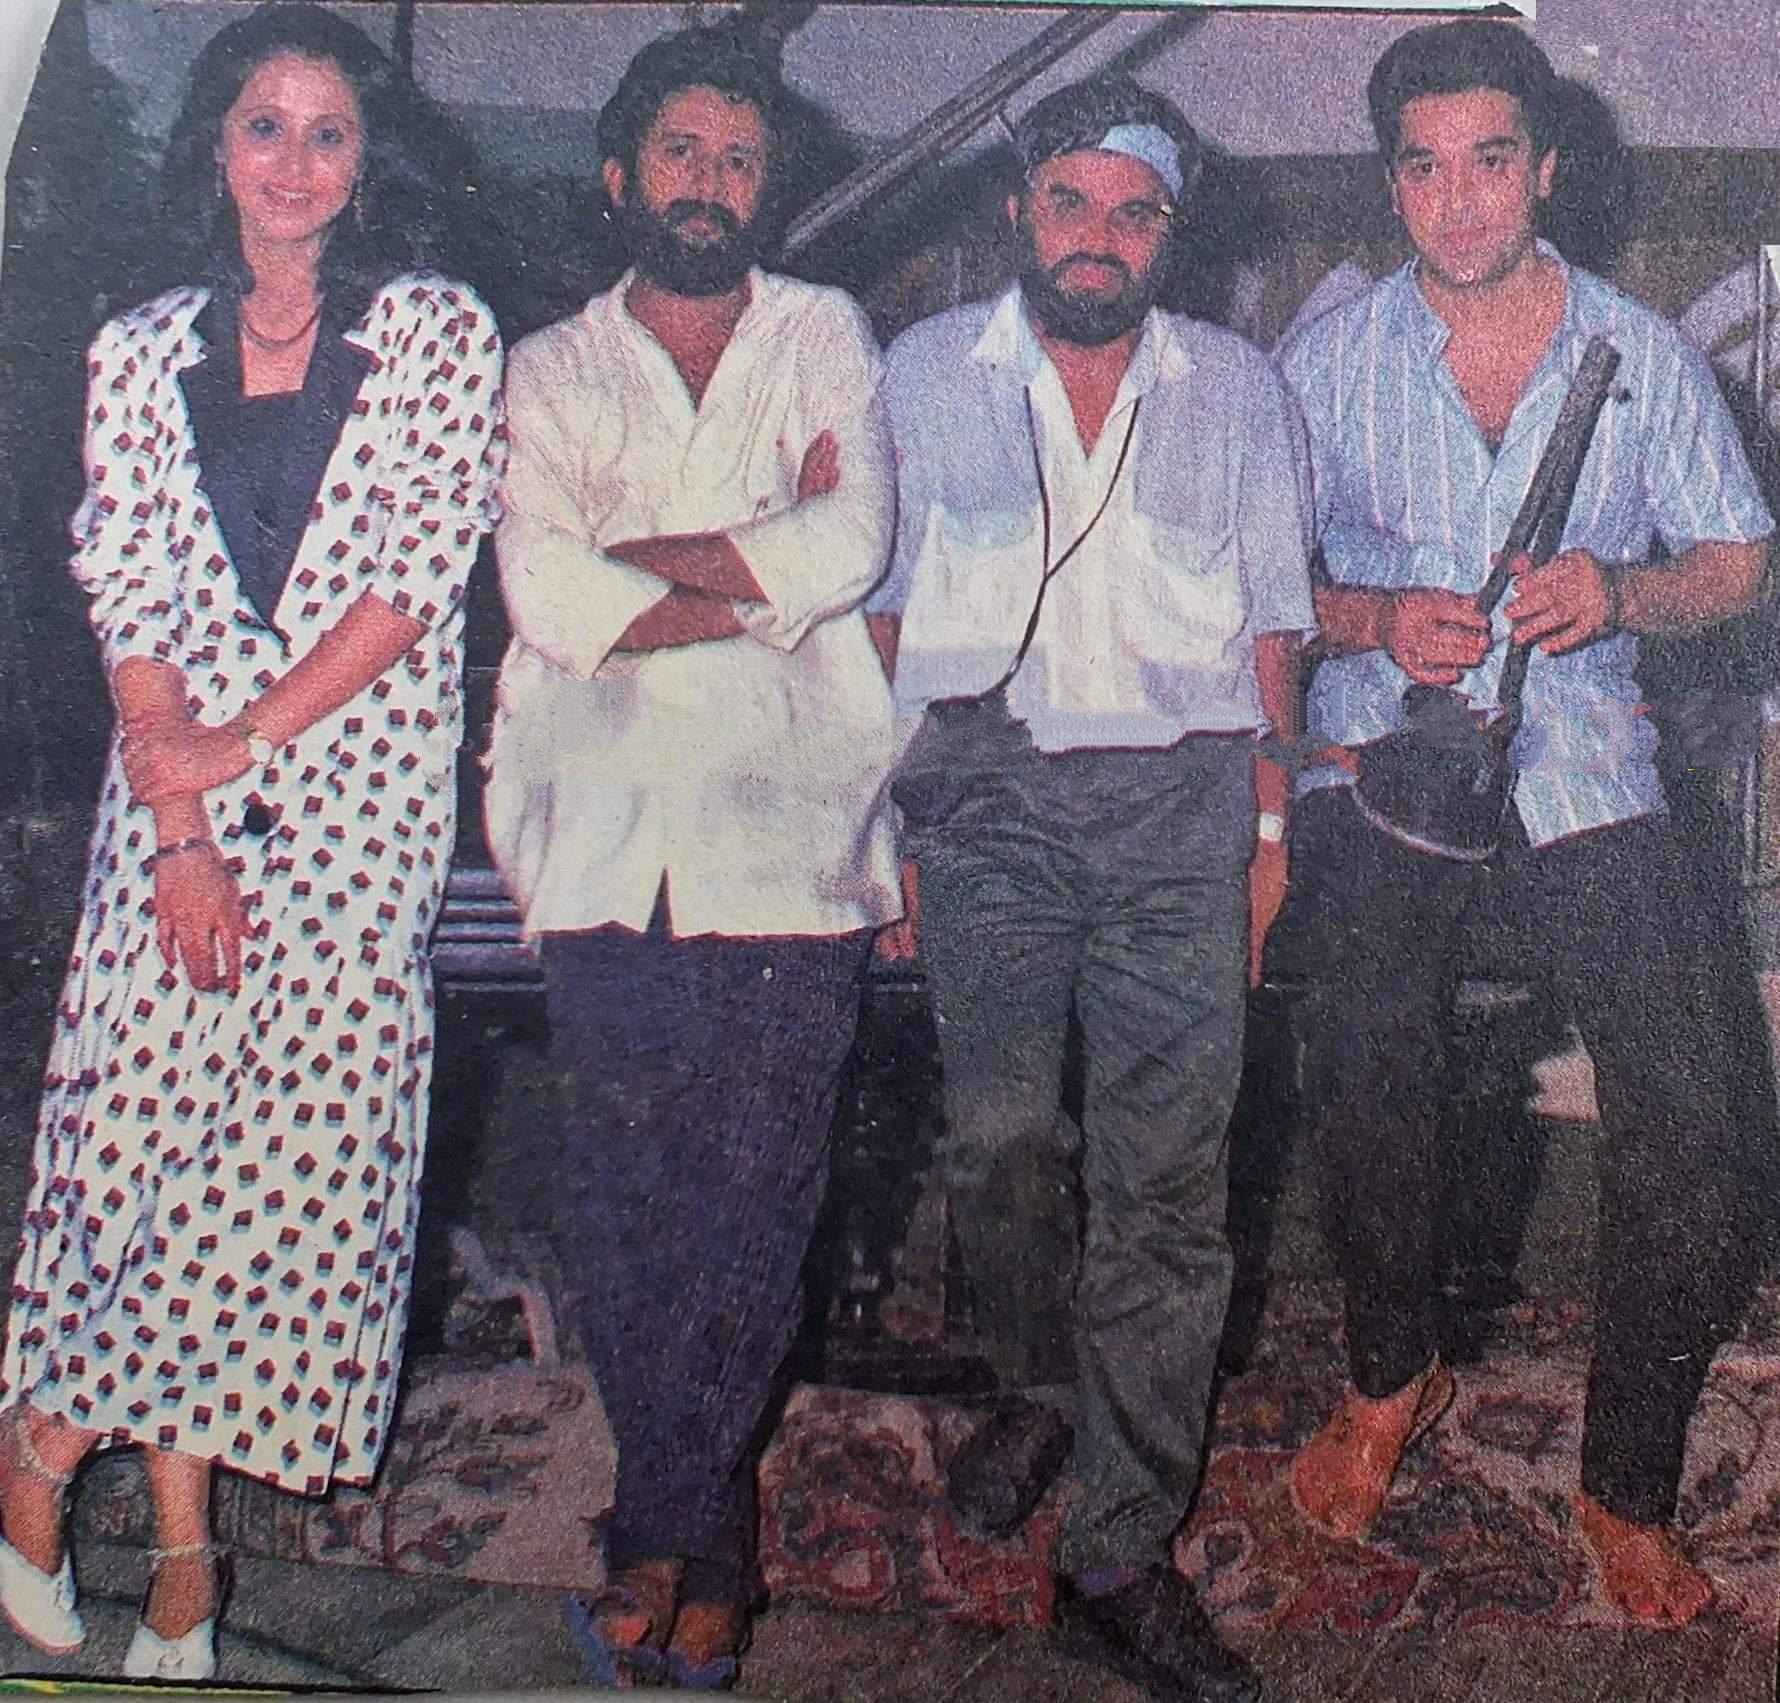 Urmila Matondkar and Kamal Haasan in Chanakyan (1989)